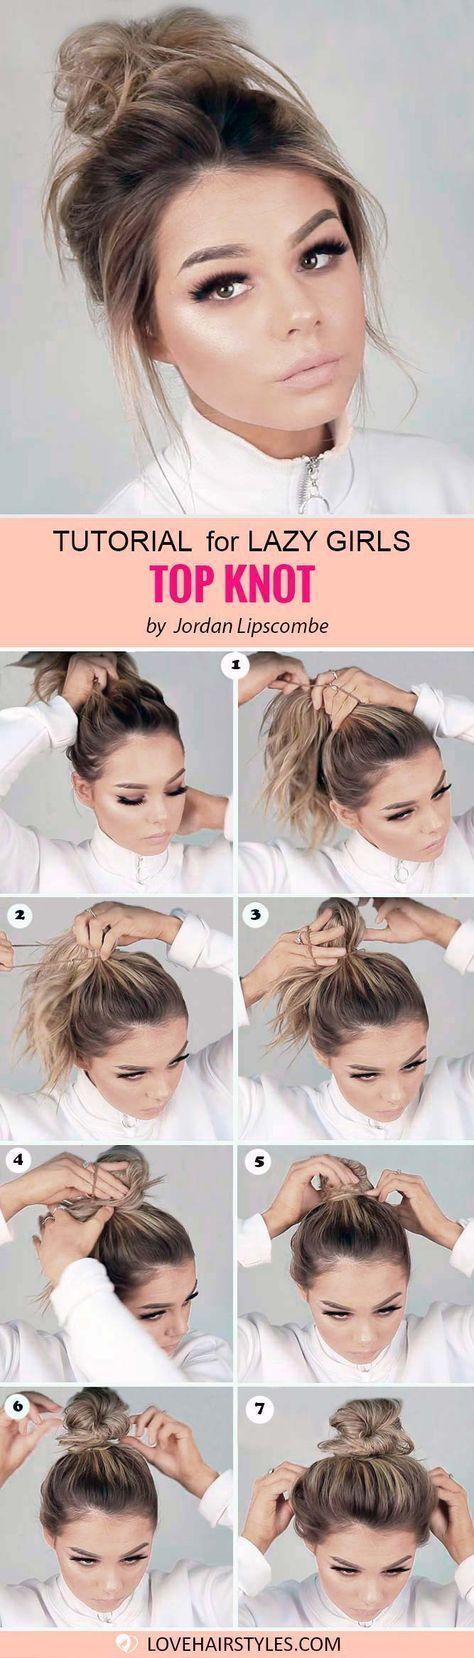 21 Super einfache Frisuren für 2019 #hairideas